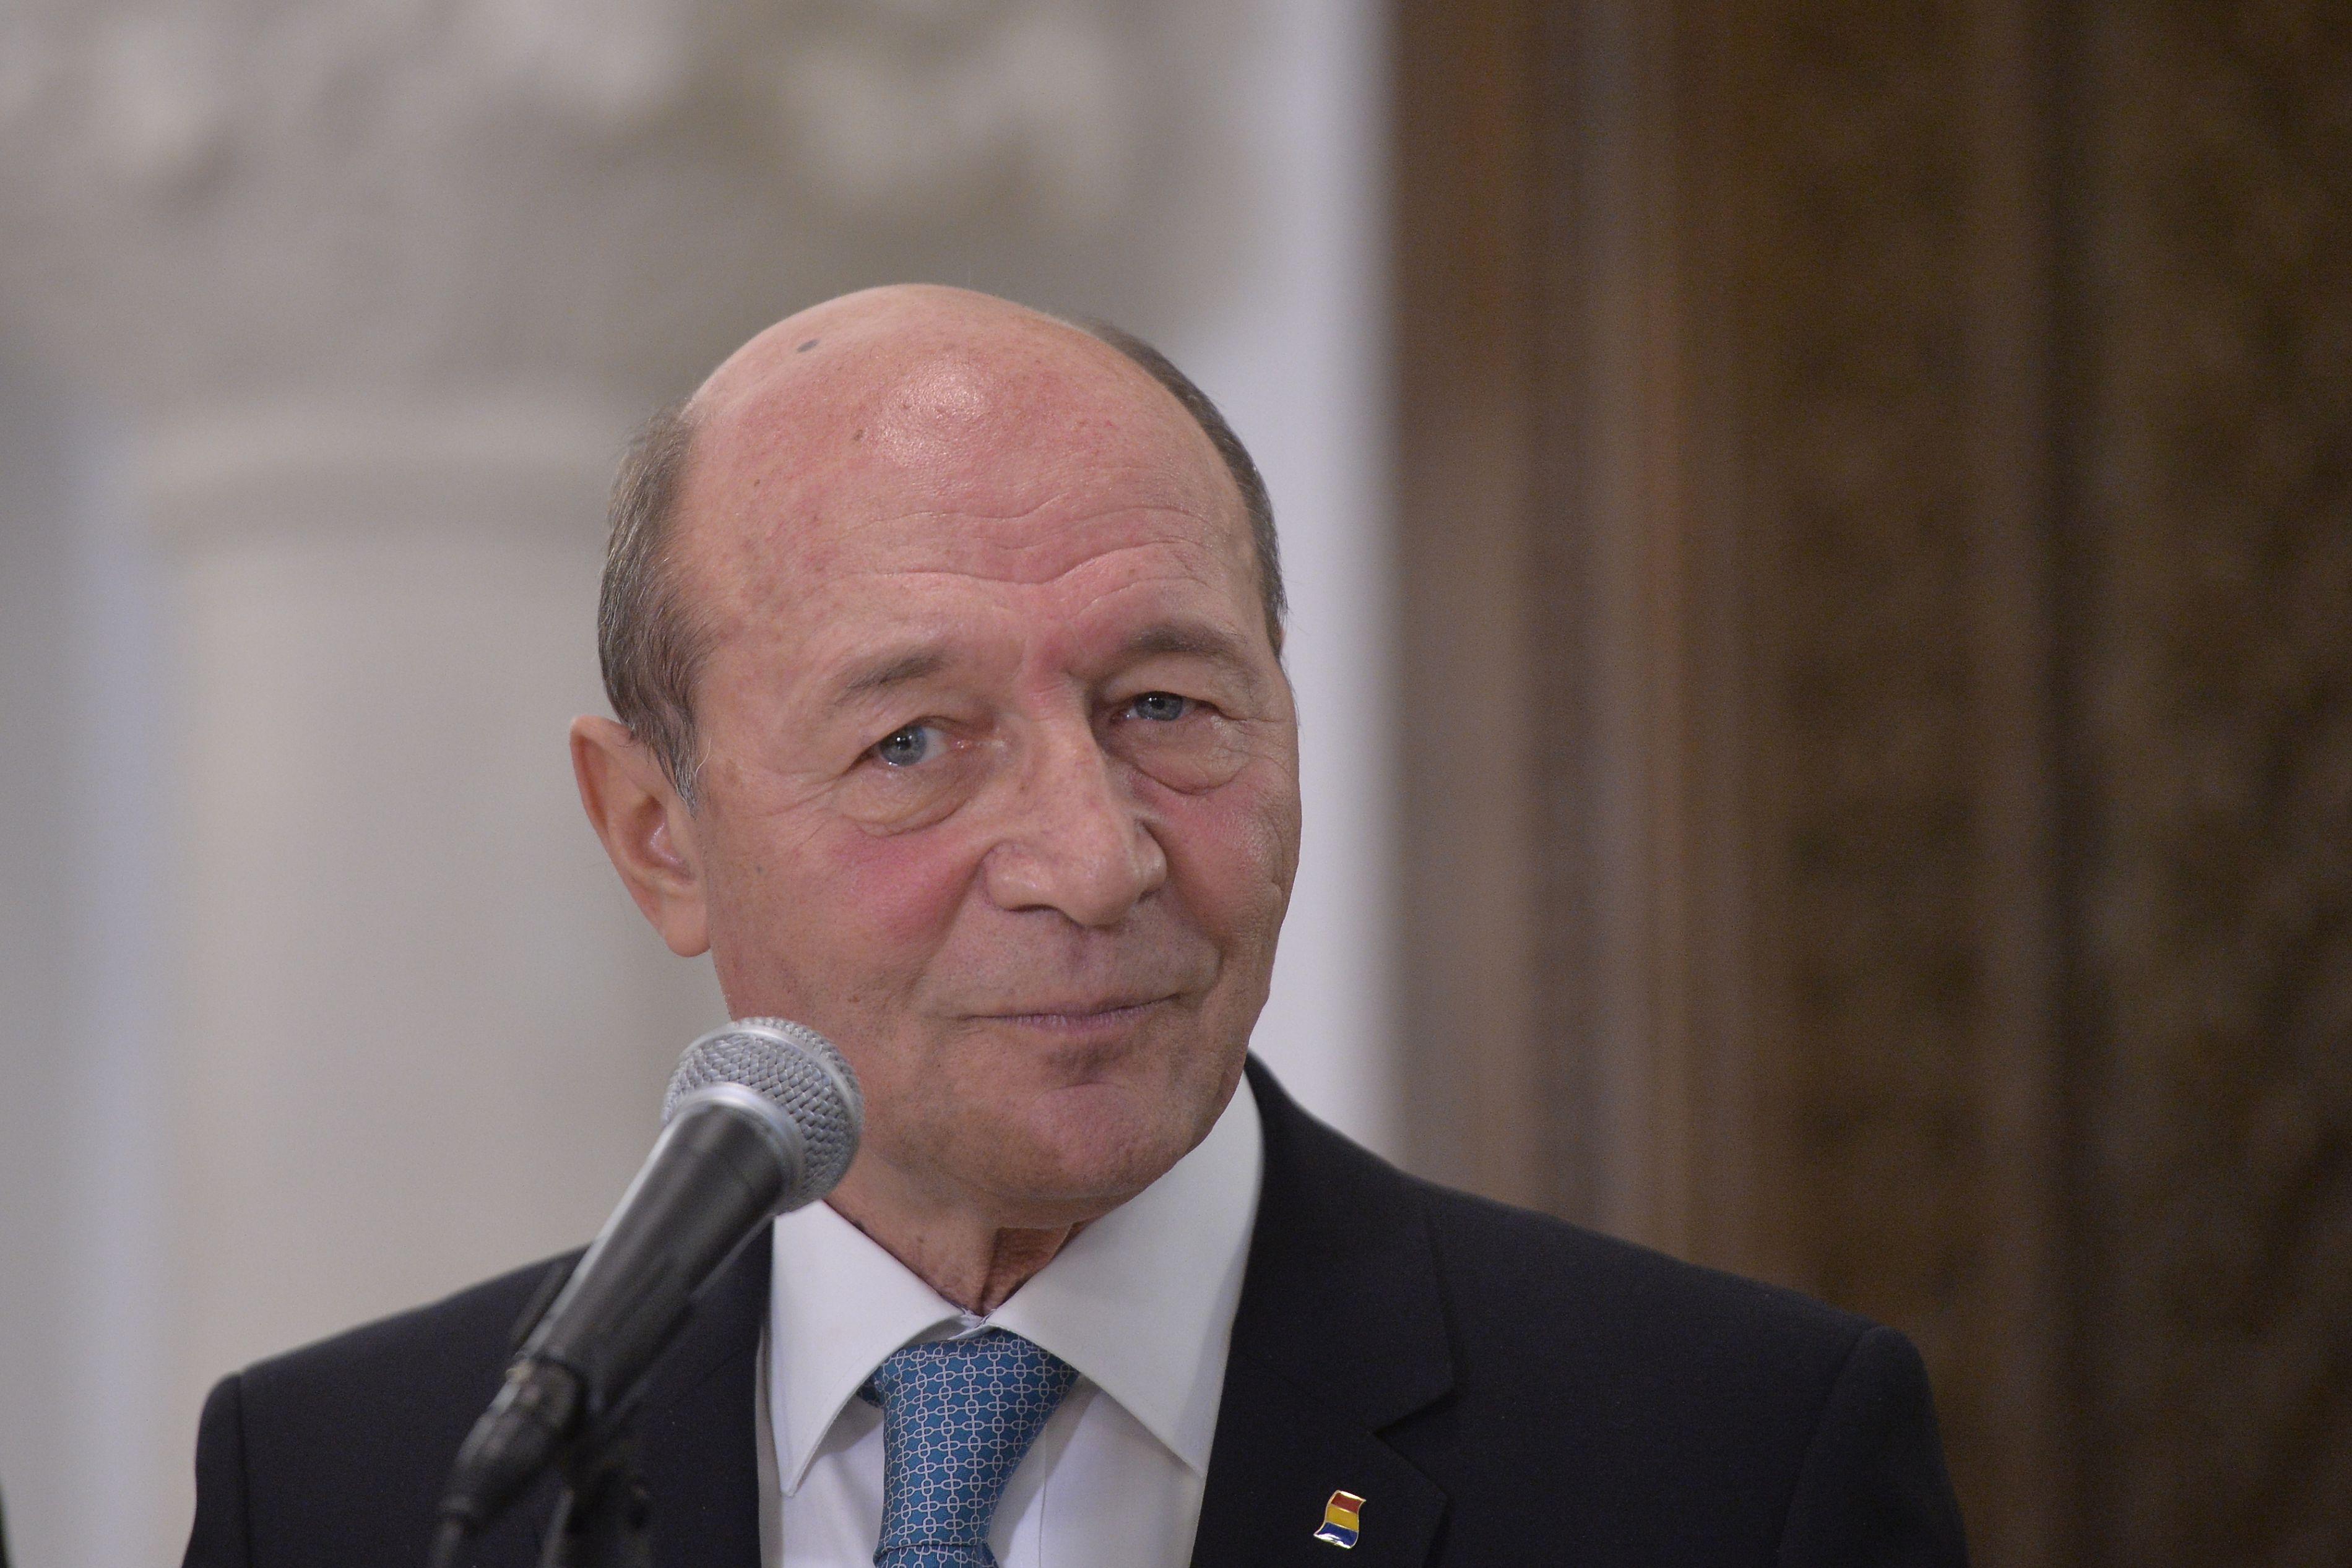 """Liviu Dragnea Condamnat. Reacția lui Traian Băsescu """"Trebuie să pleci acum!"""""""